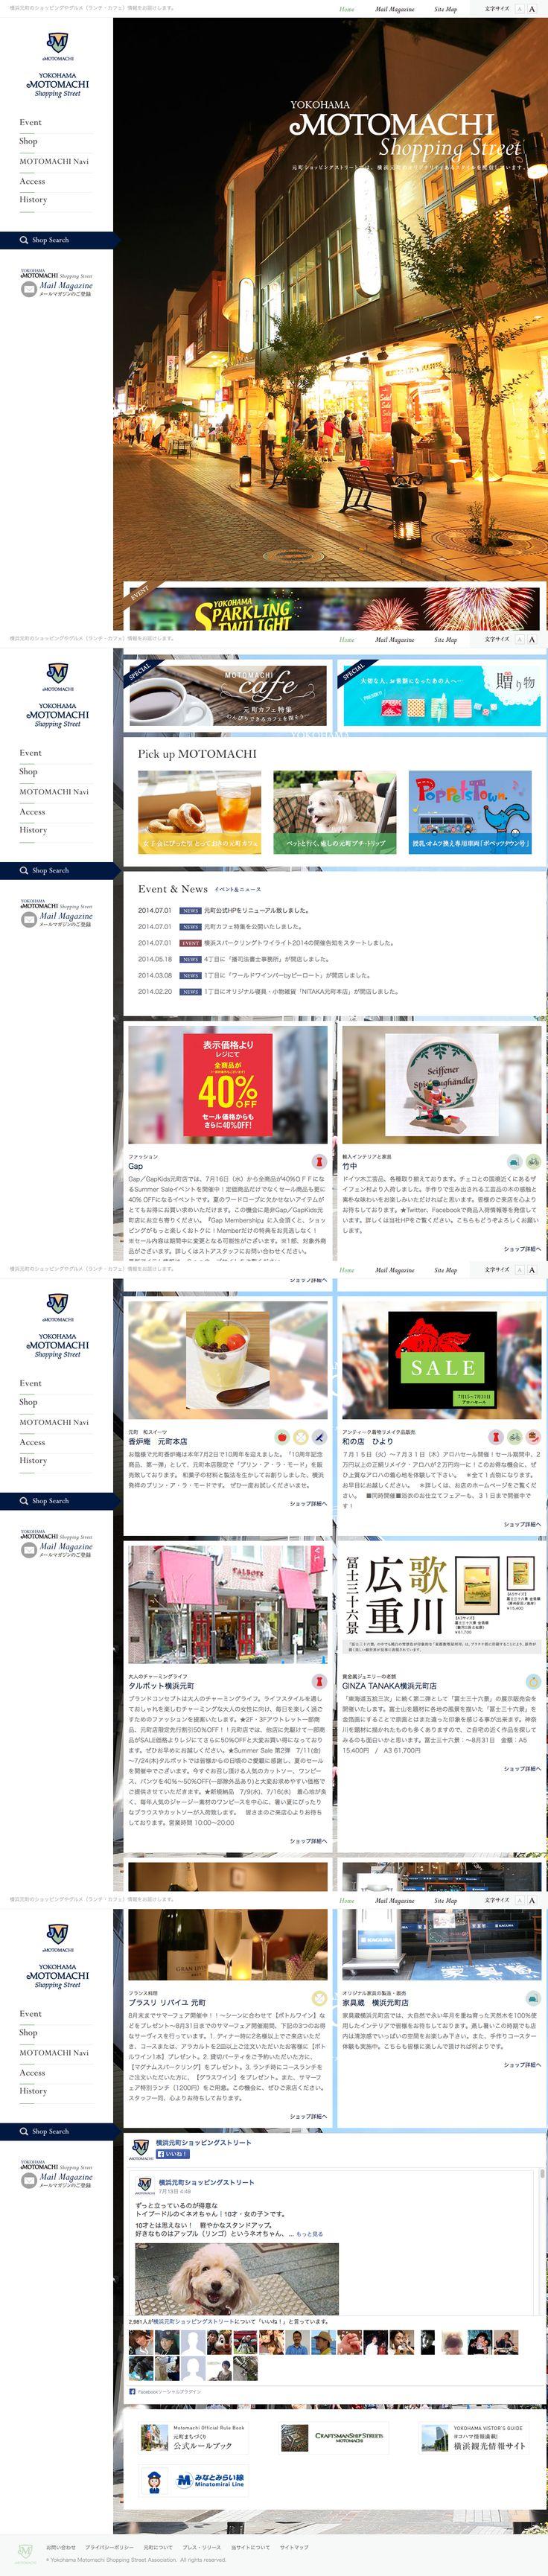 商店街サイト|横浜元町ショッピングストリート